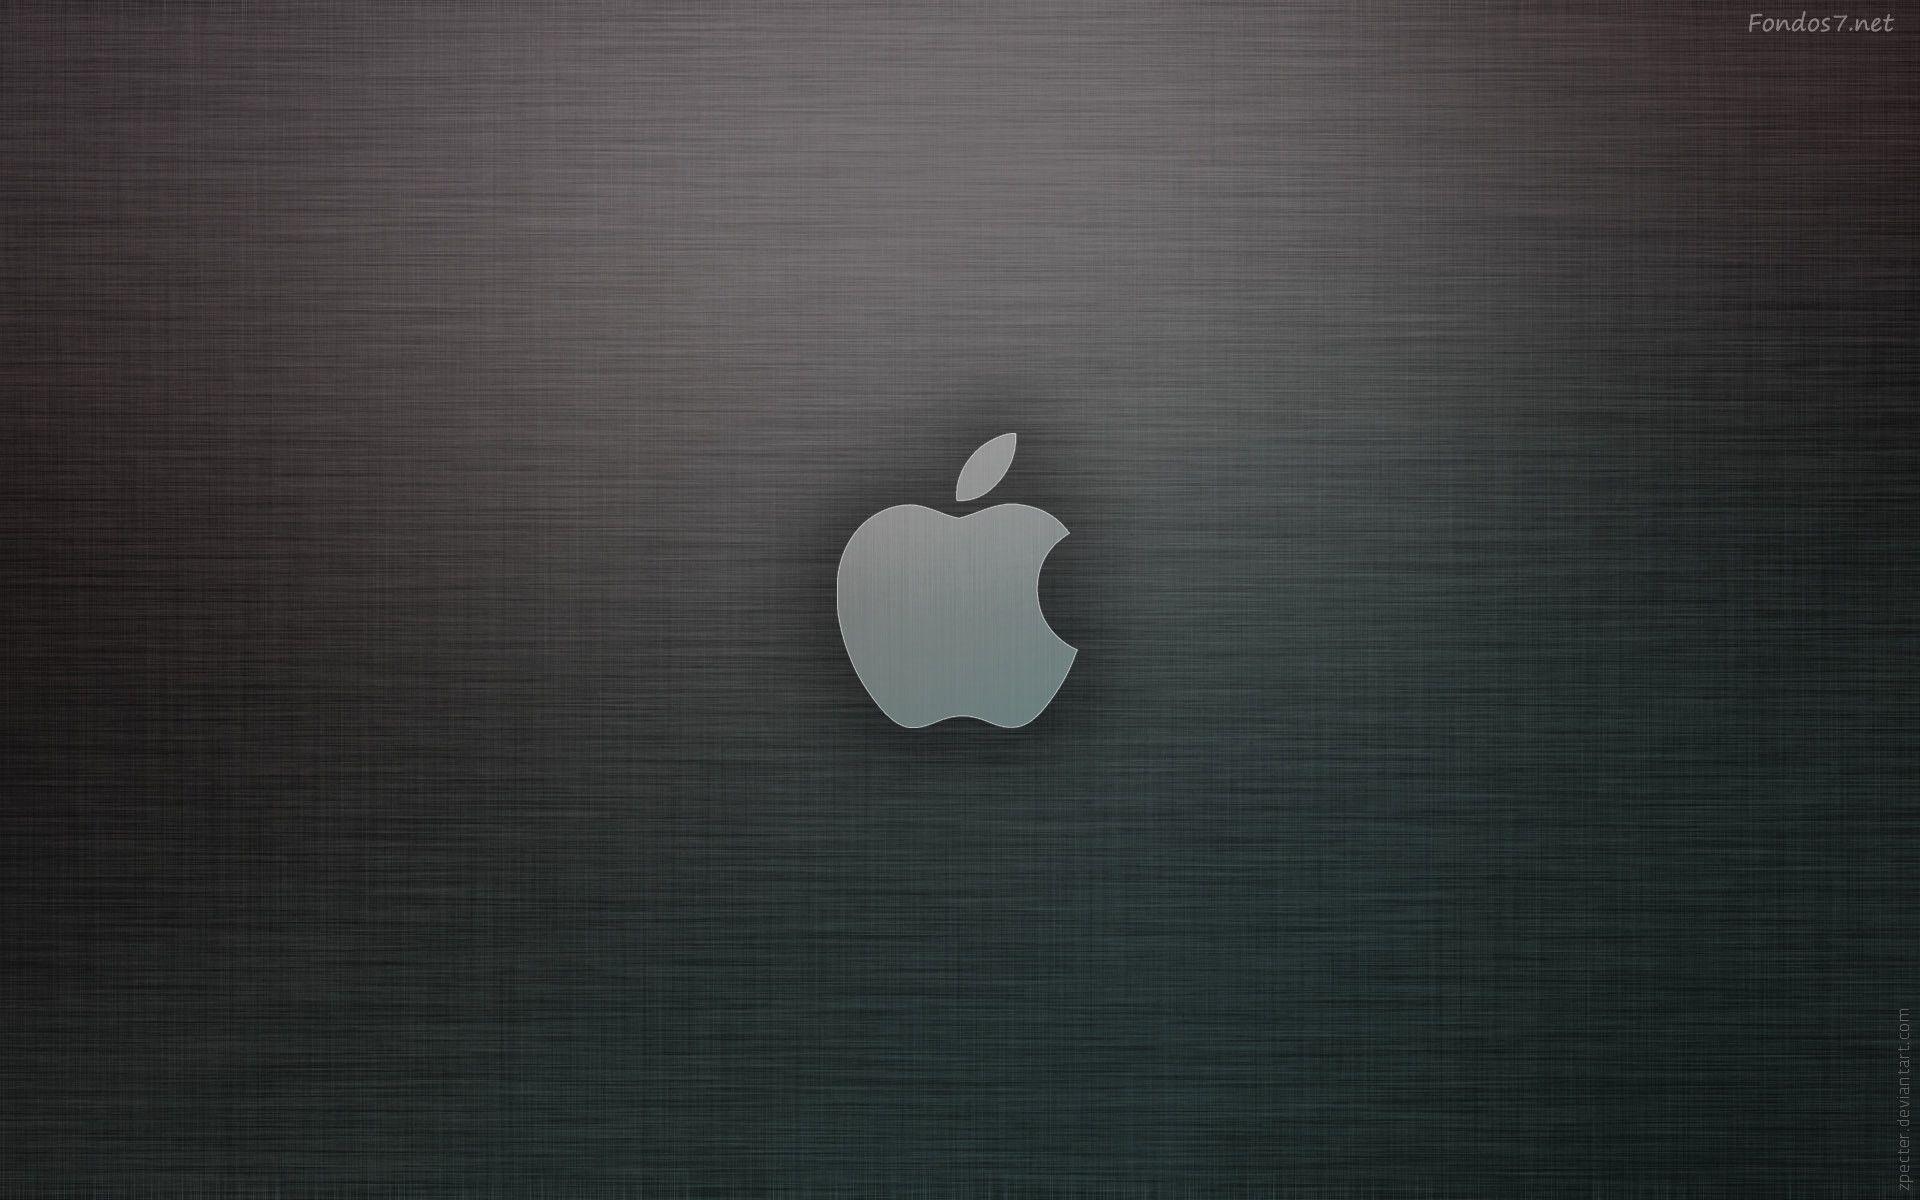 Mac original wallpapers wallpaper cave - Original apple logo wallpaper ...